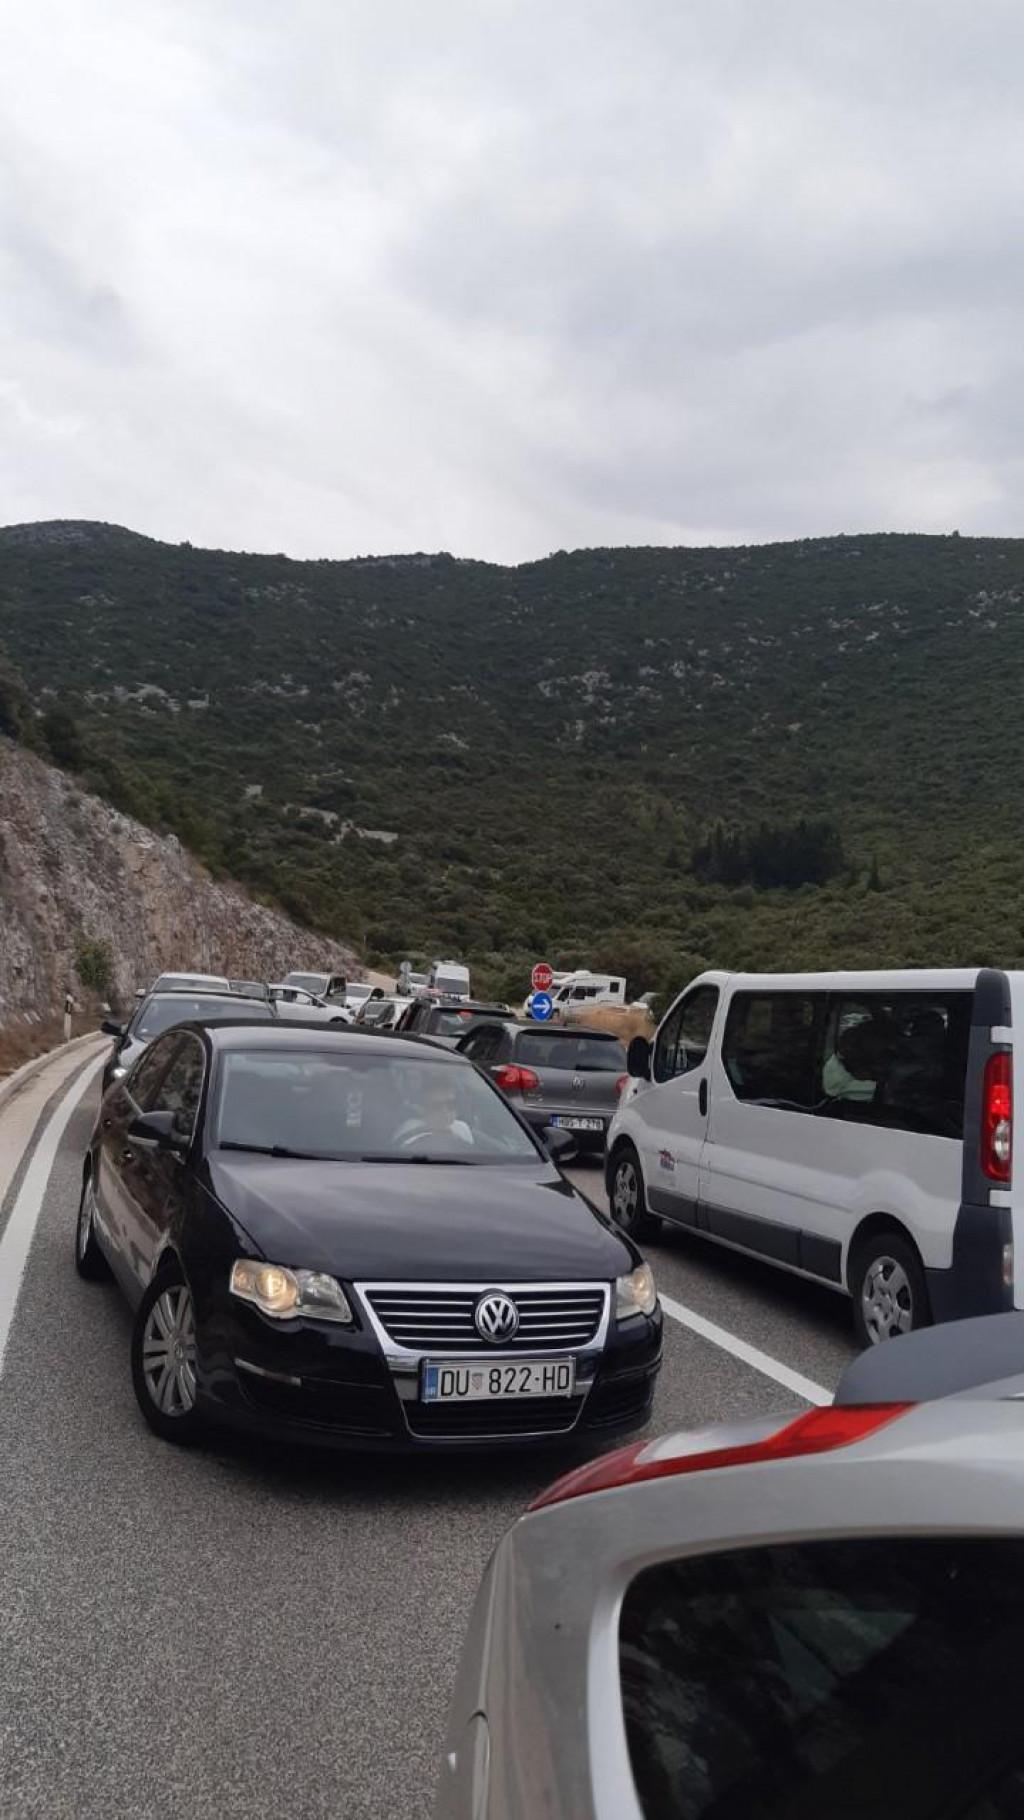 Nesnosne gužve vladaju na graničnom prijelazu u Neumu